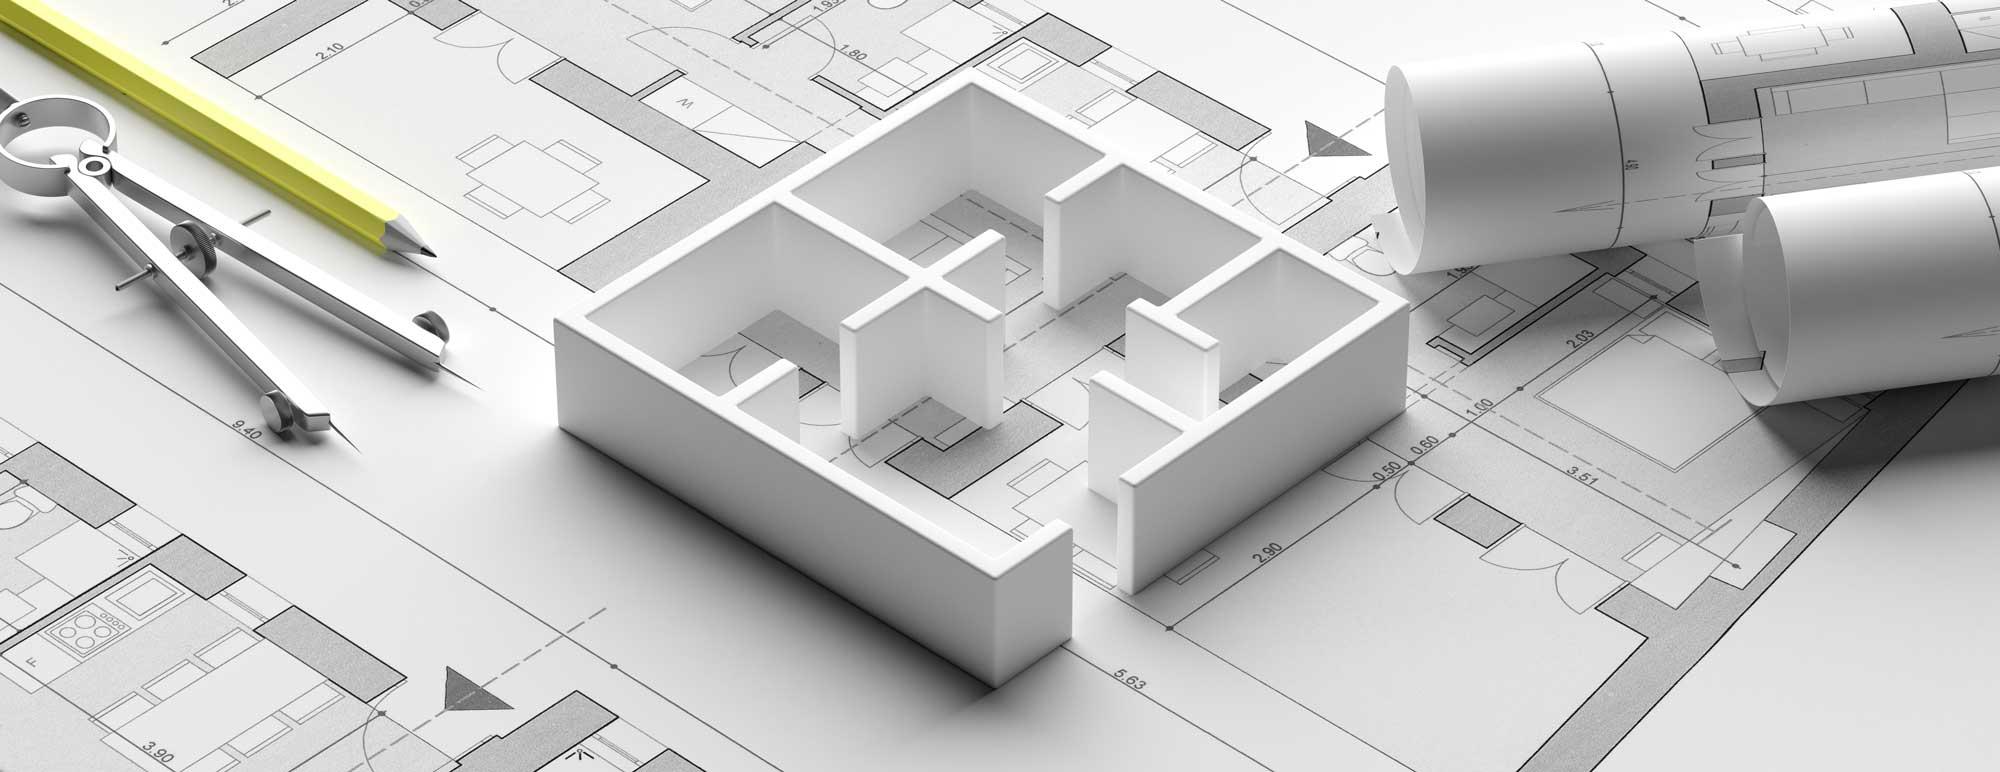 Calcul du mesurage loi Boutin avant la location d'un bien immobilier